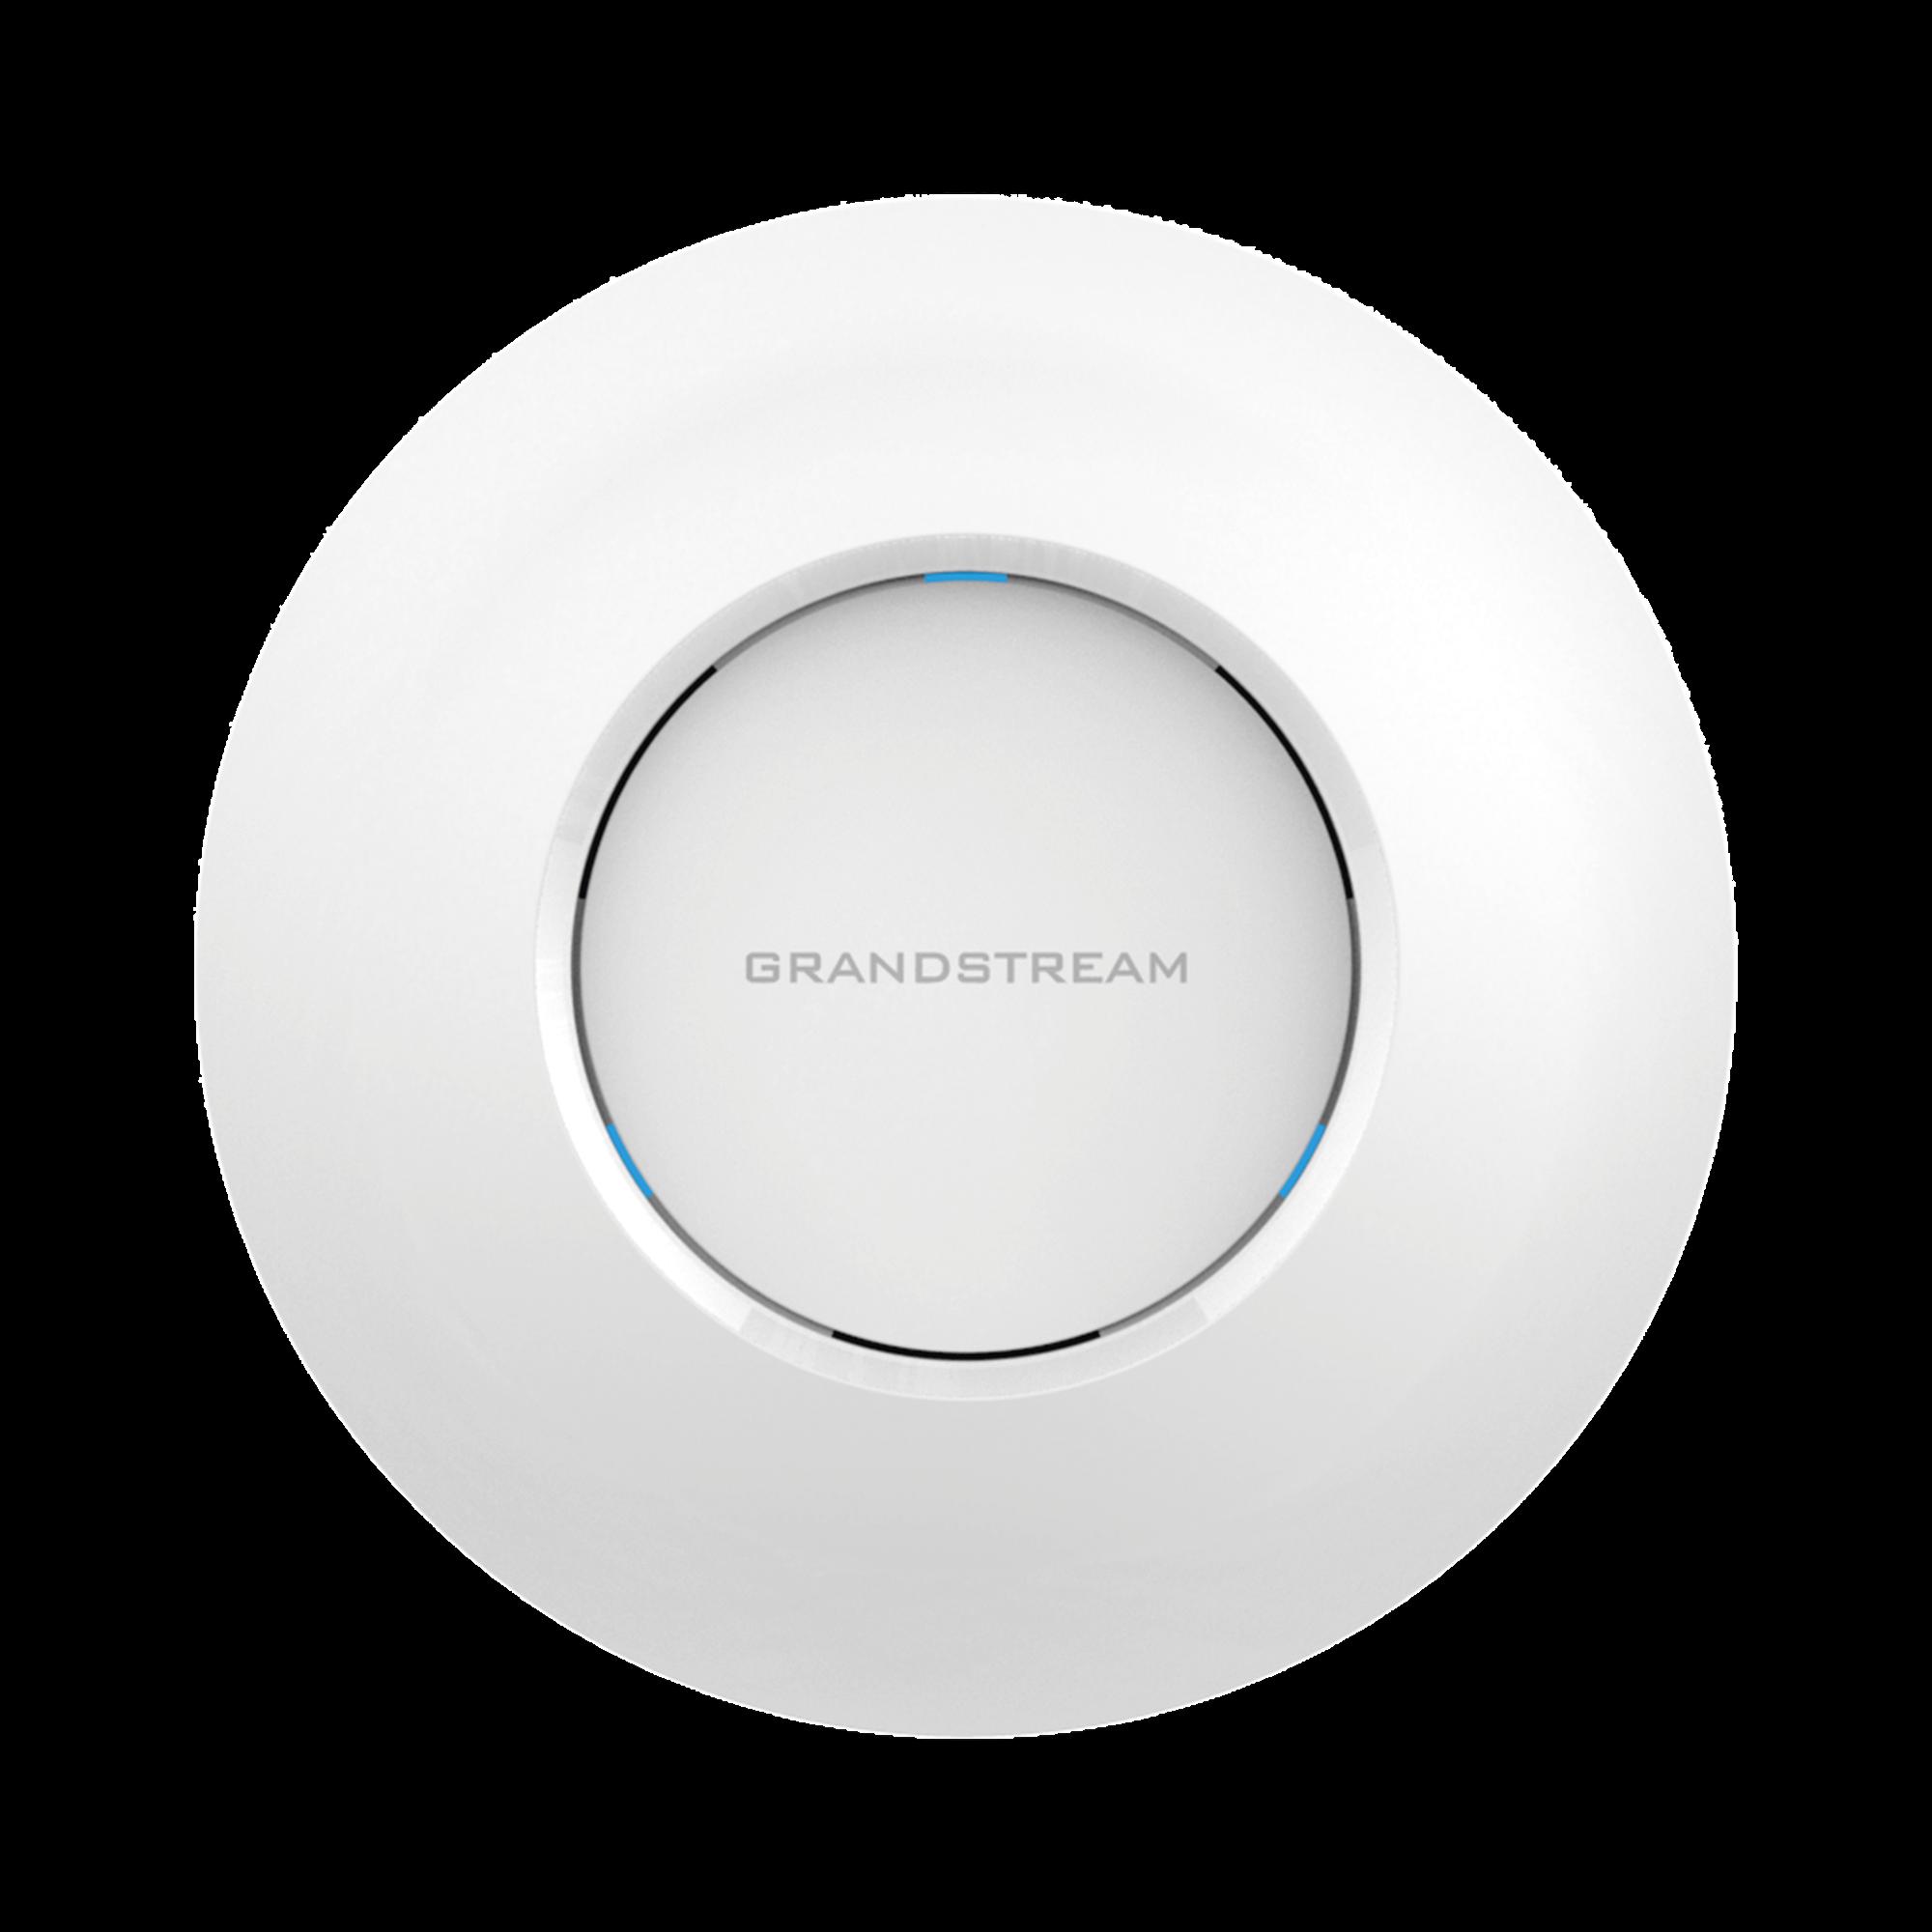 Punto de acceso Wi-Fi 802.11 ac 1.27 Gbps, Wave-2, MU-MIMO 2x2:2 con administración desde la nube gratuita o stand-alone, controlador integrado para hasta 50 APs.